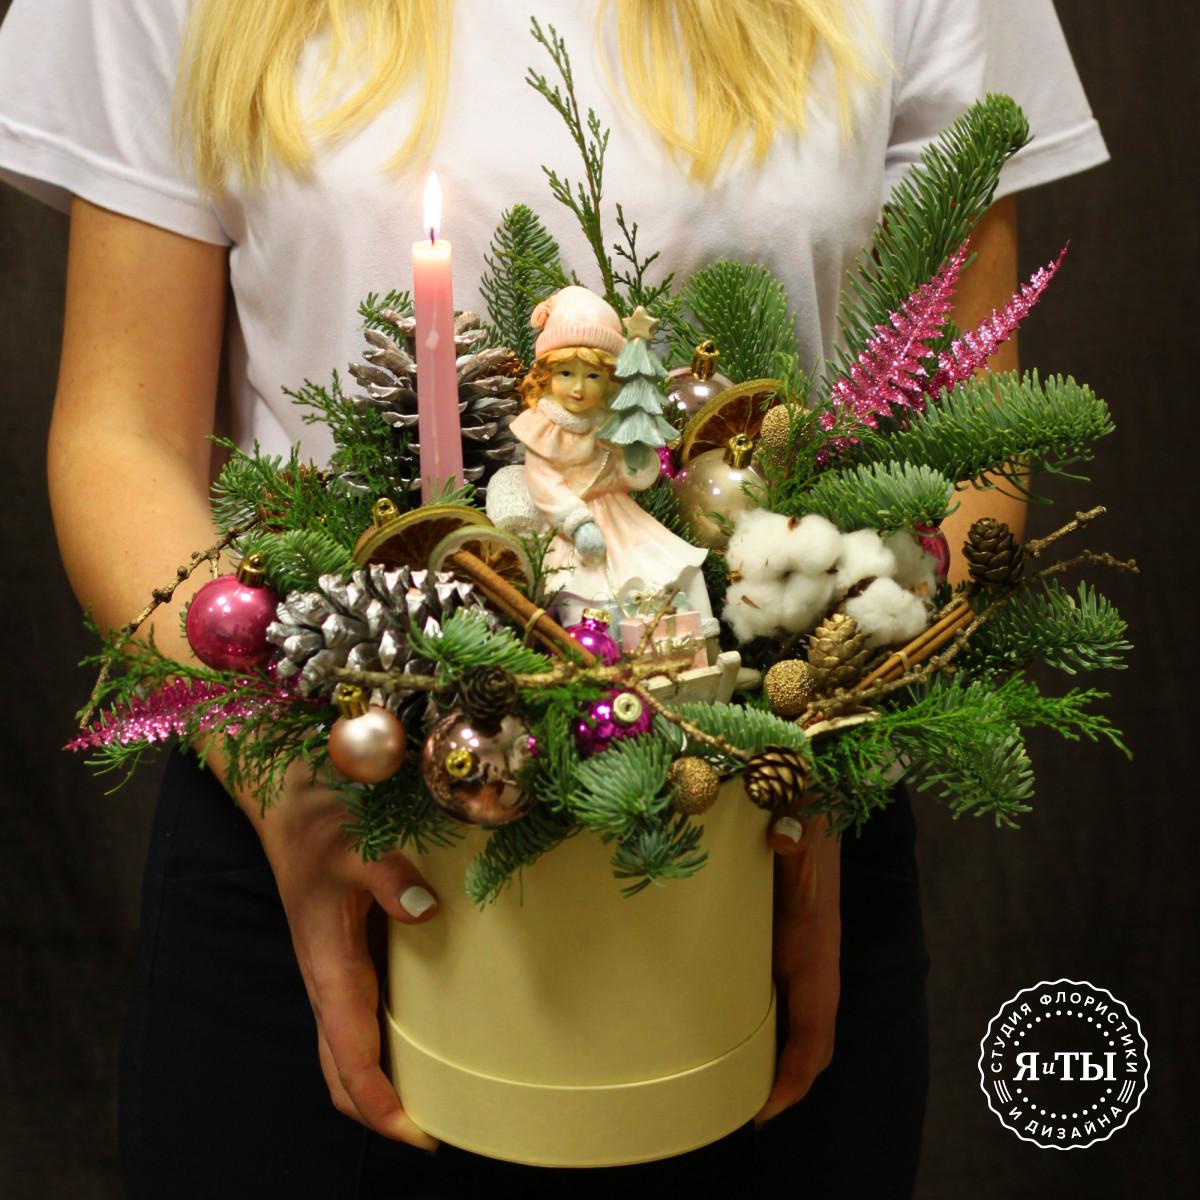 Нежная композиция со свечой и фигуркой